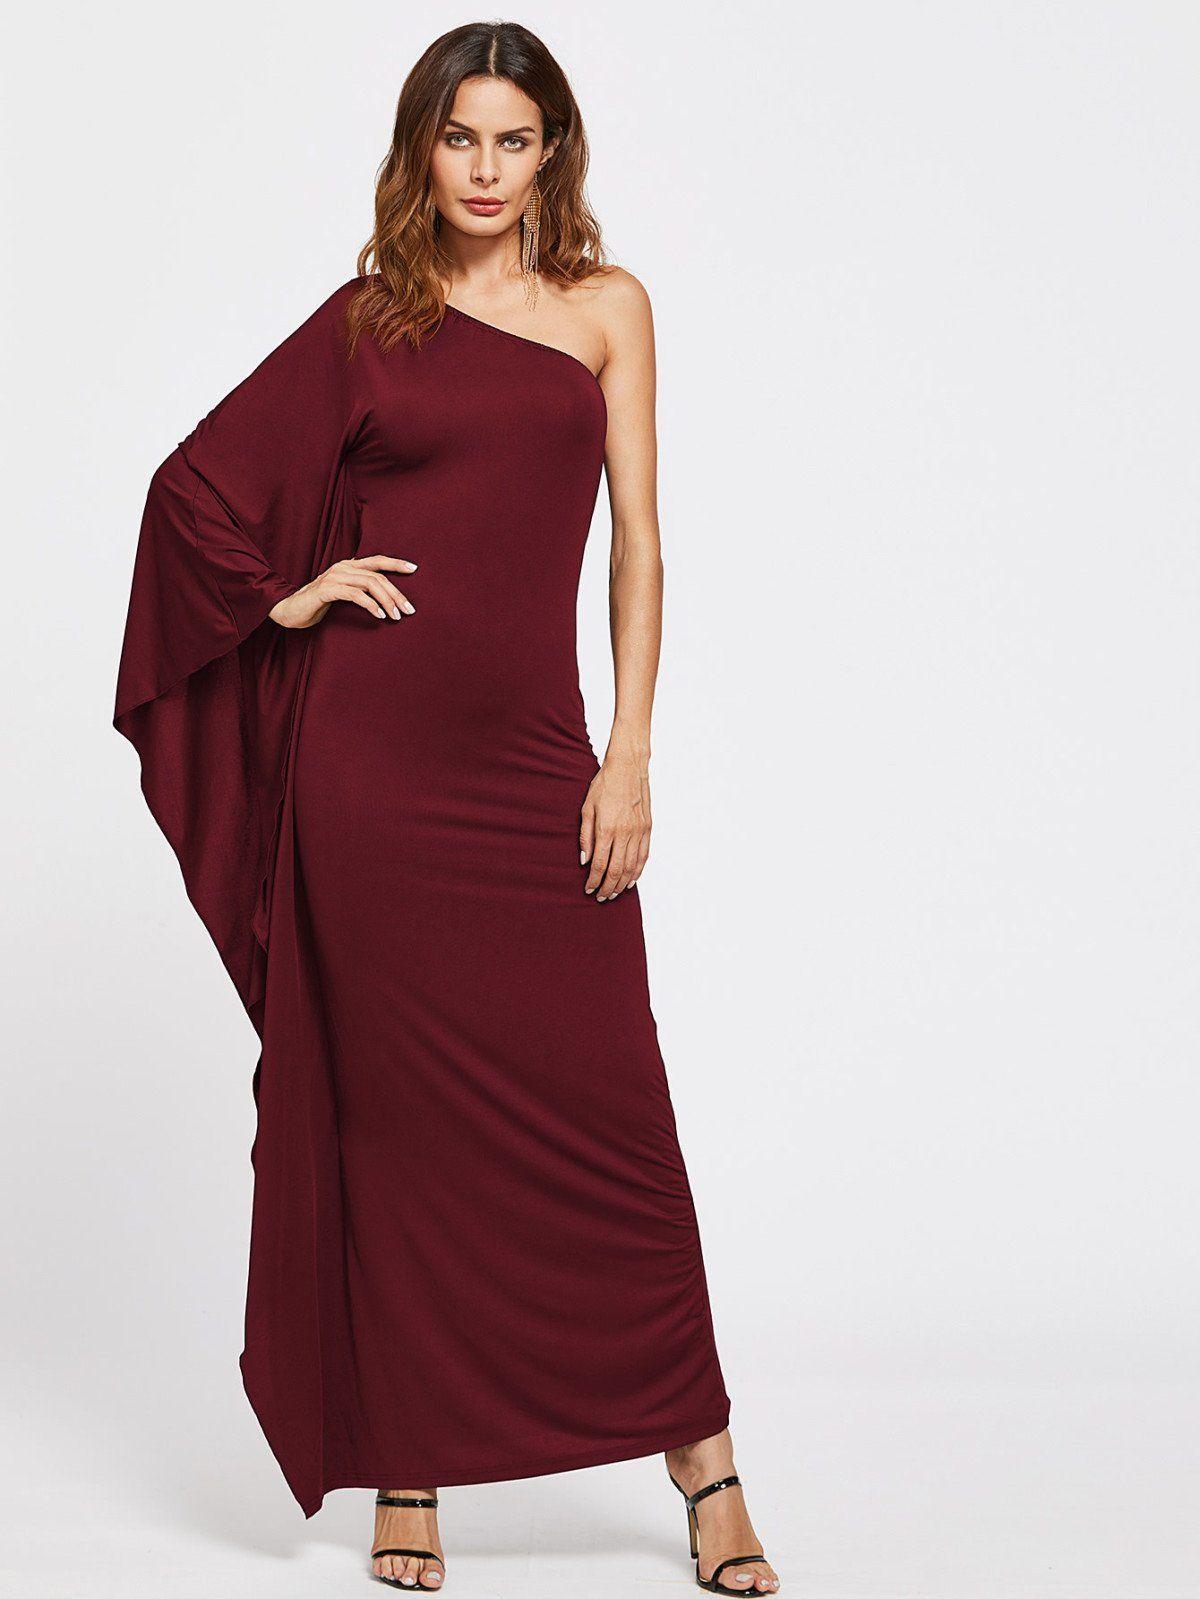 Dresses by borntowear oblique shoulder ruched detail dress